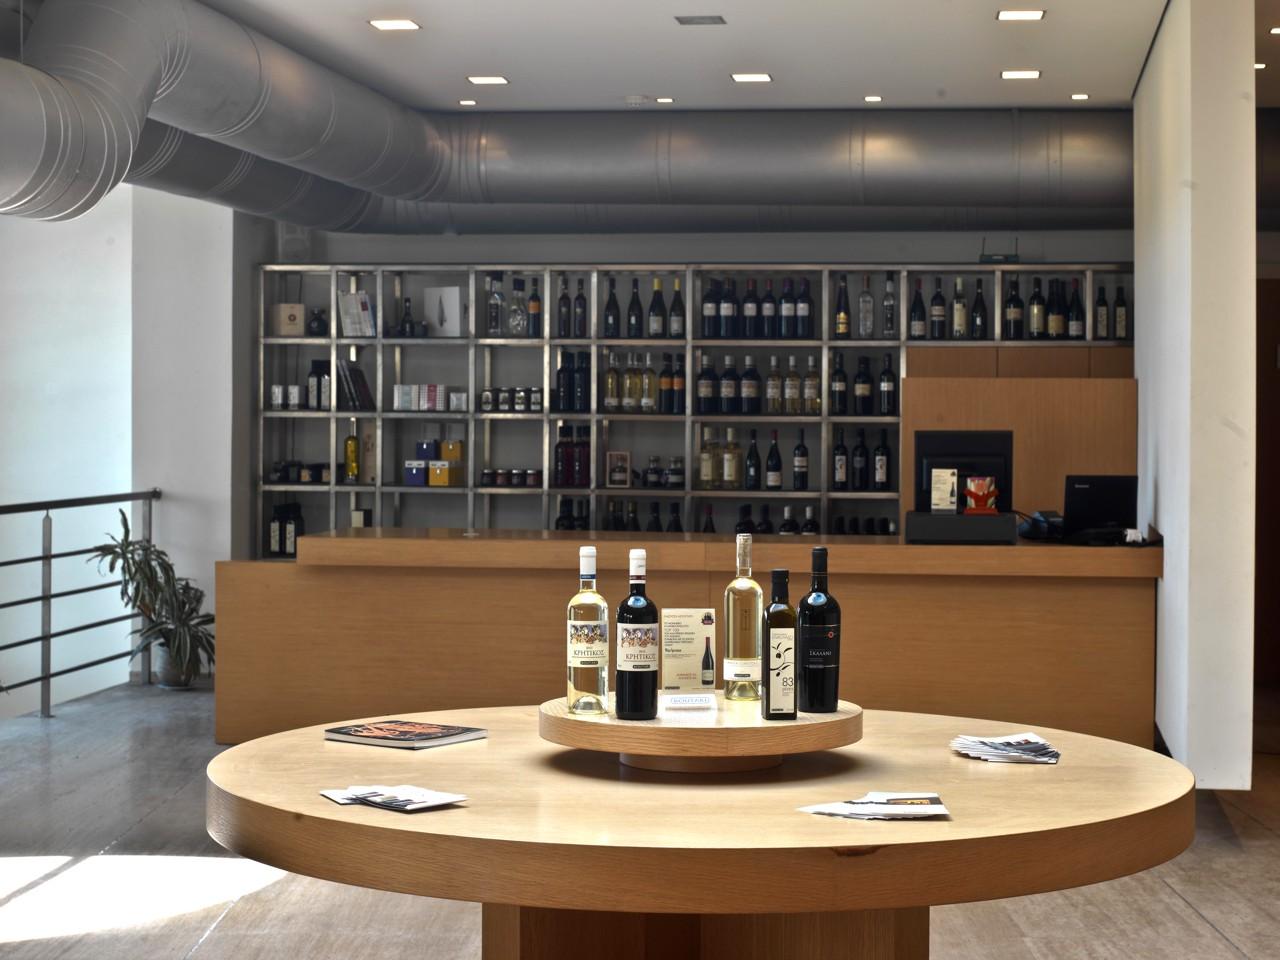 Winery Tours at Boutari Winery, Skalani Village wine tasting, boutari winery crete scalani, boutari winery crete greece, kotsifali tasting boutari, cretan food wine tasting crete, best winery heraklion crete, best wine tasting workshop crete